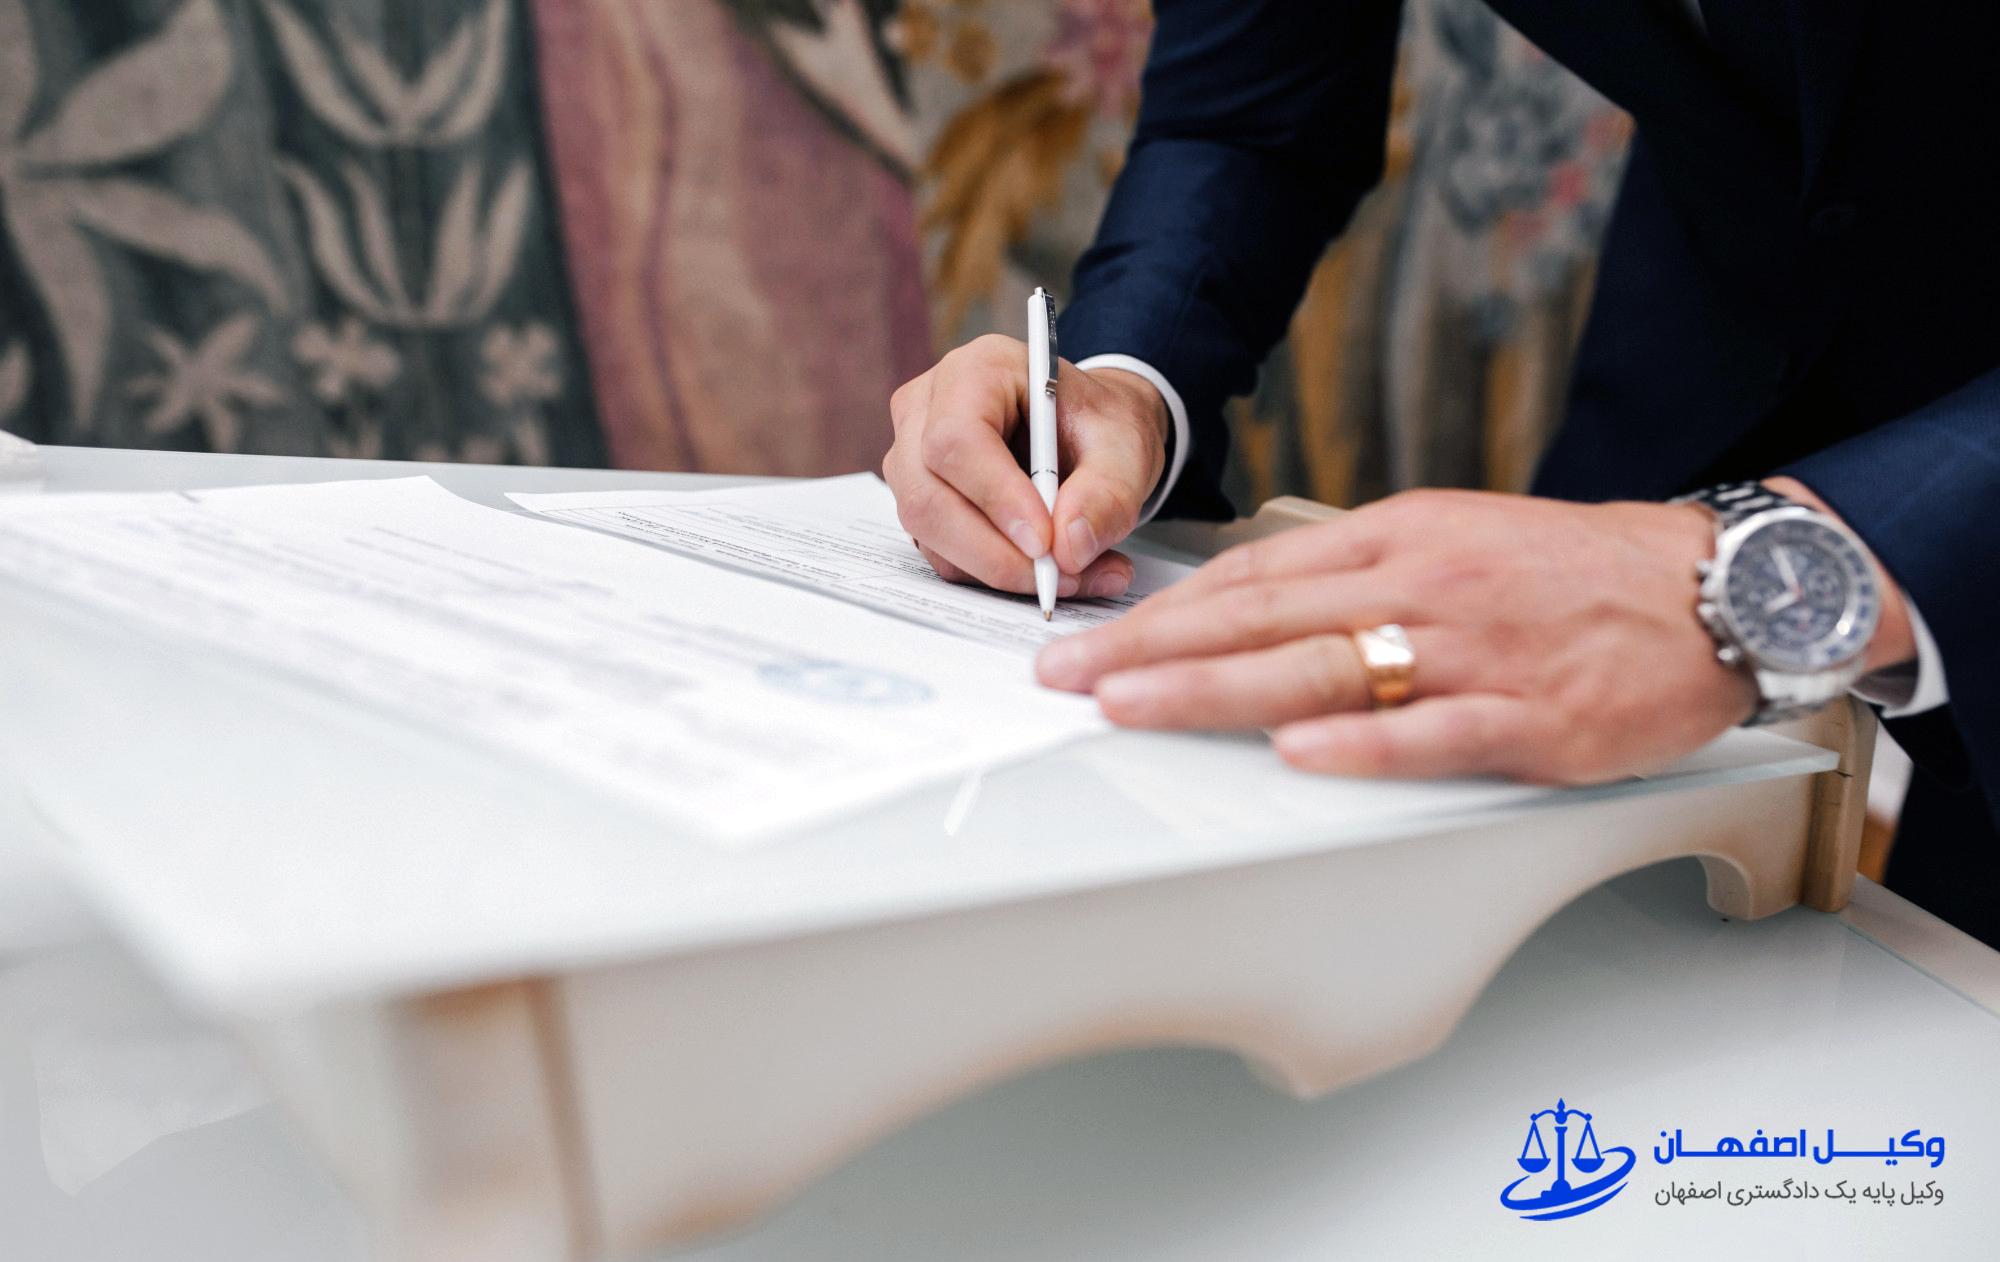 شروط عقدنامه در مراسم عقد